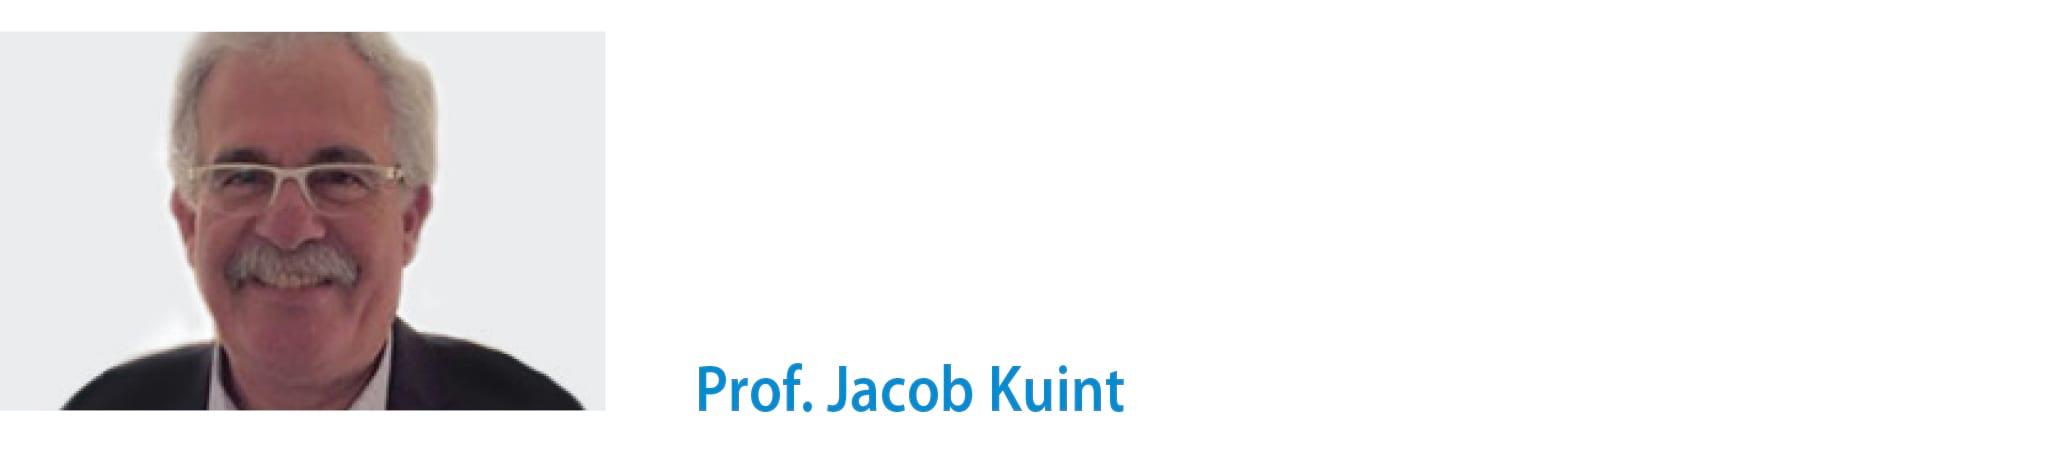 jacov quint